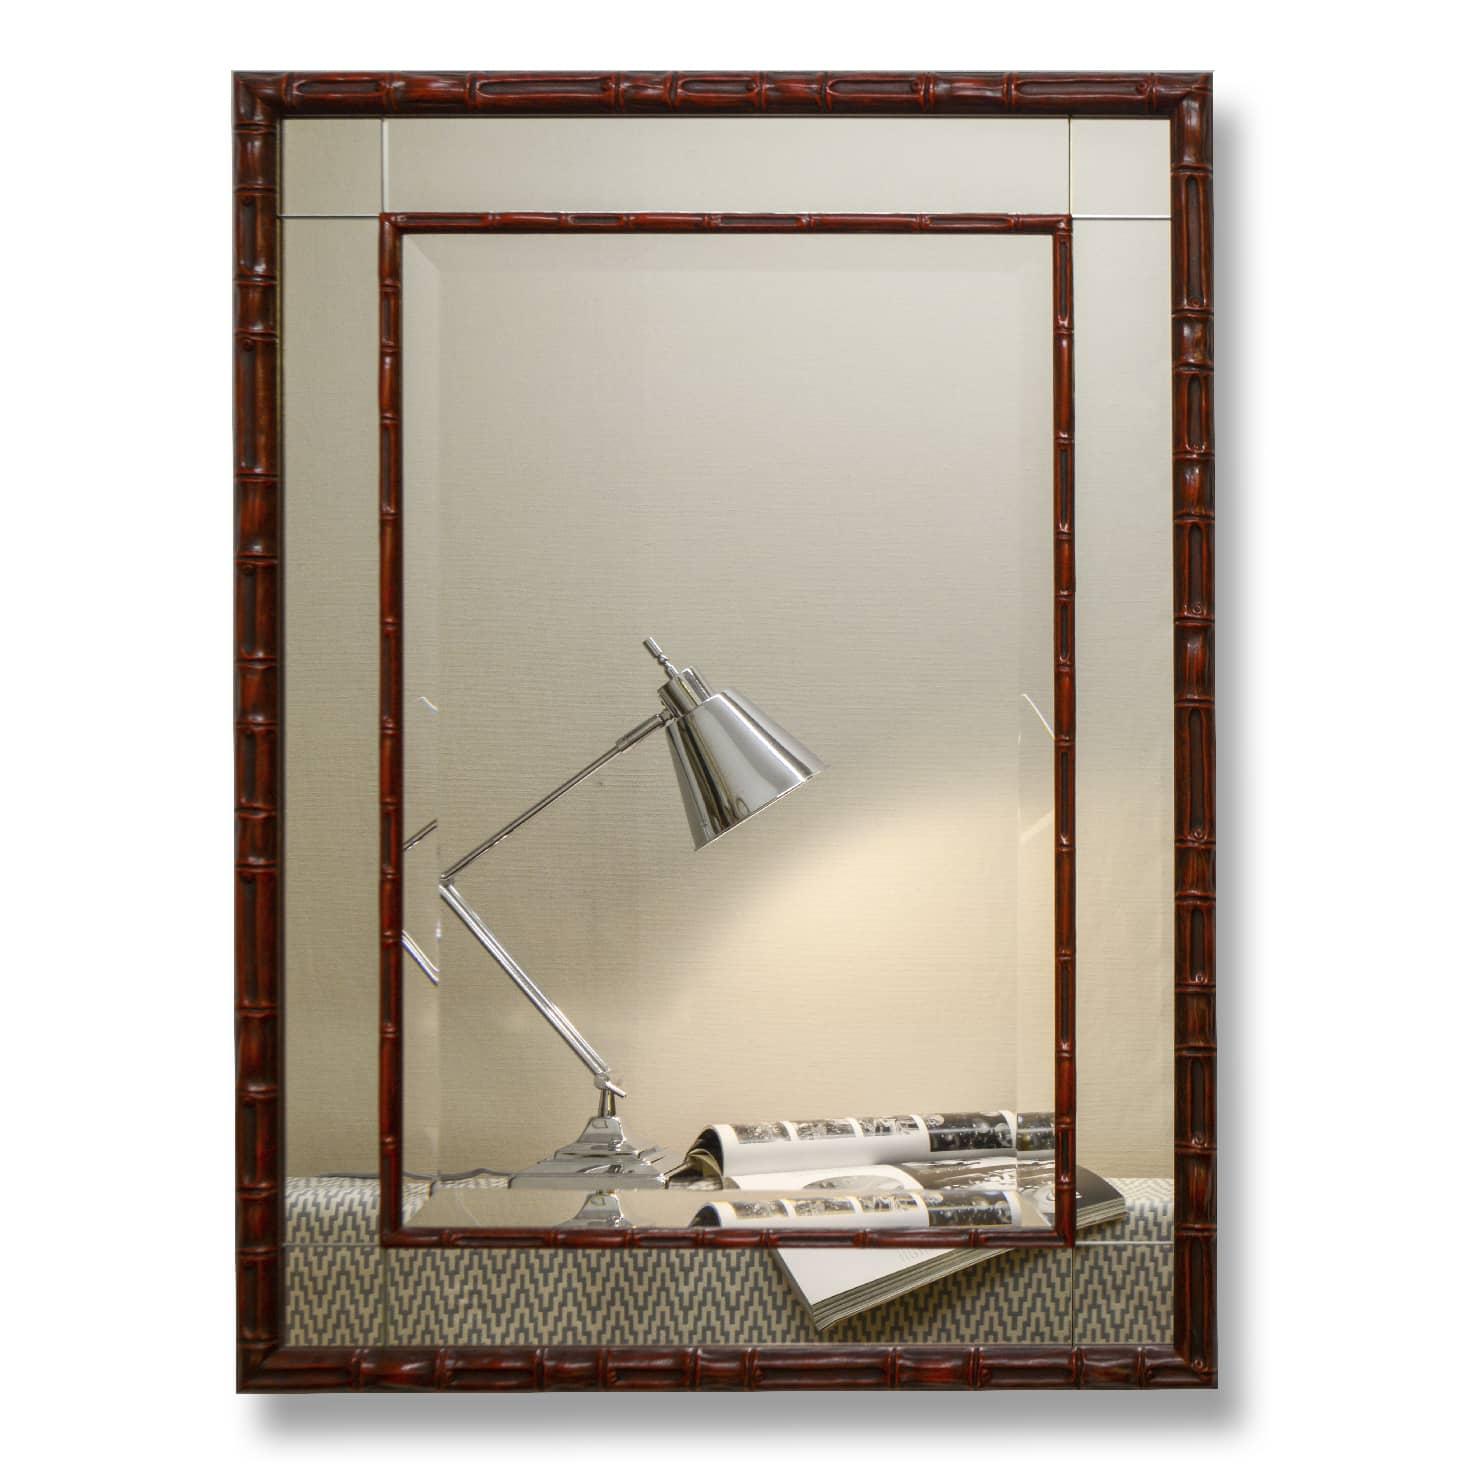 Hove Mirror